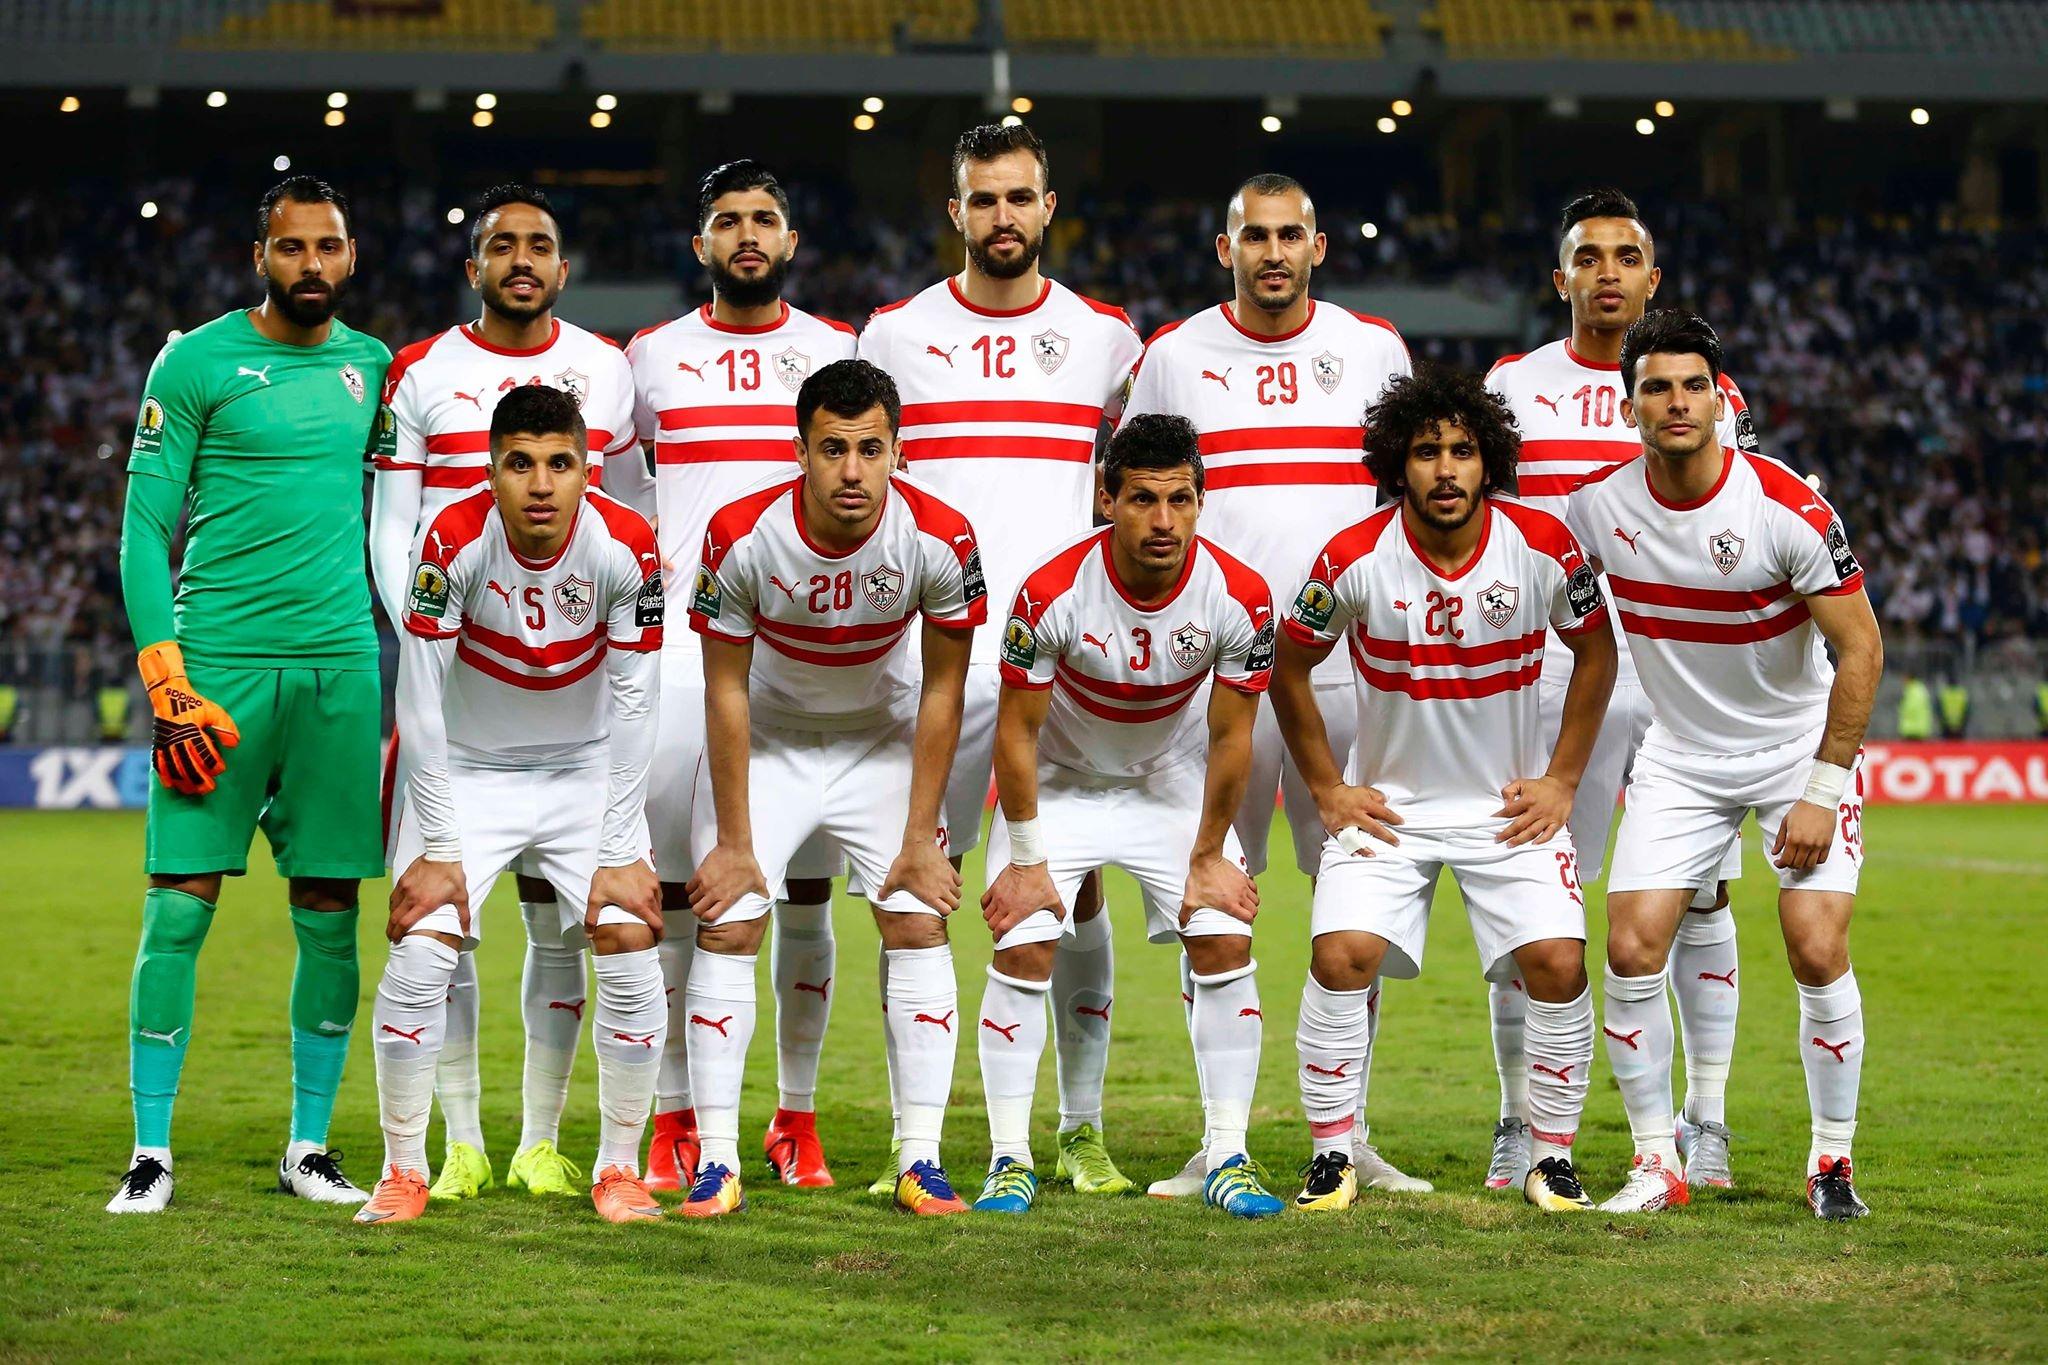 موعد مباراة الزمالك والمقاولون العرب والقنوات الناقلة والتشكيل المتوقع